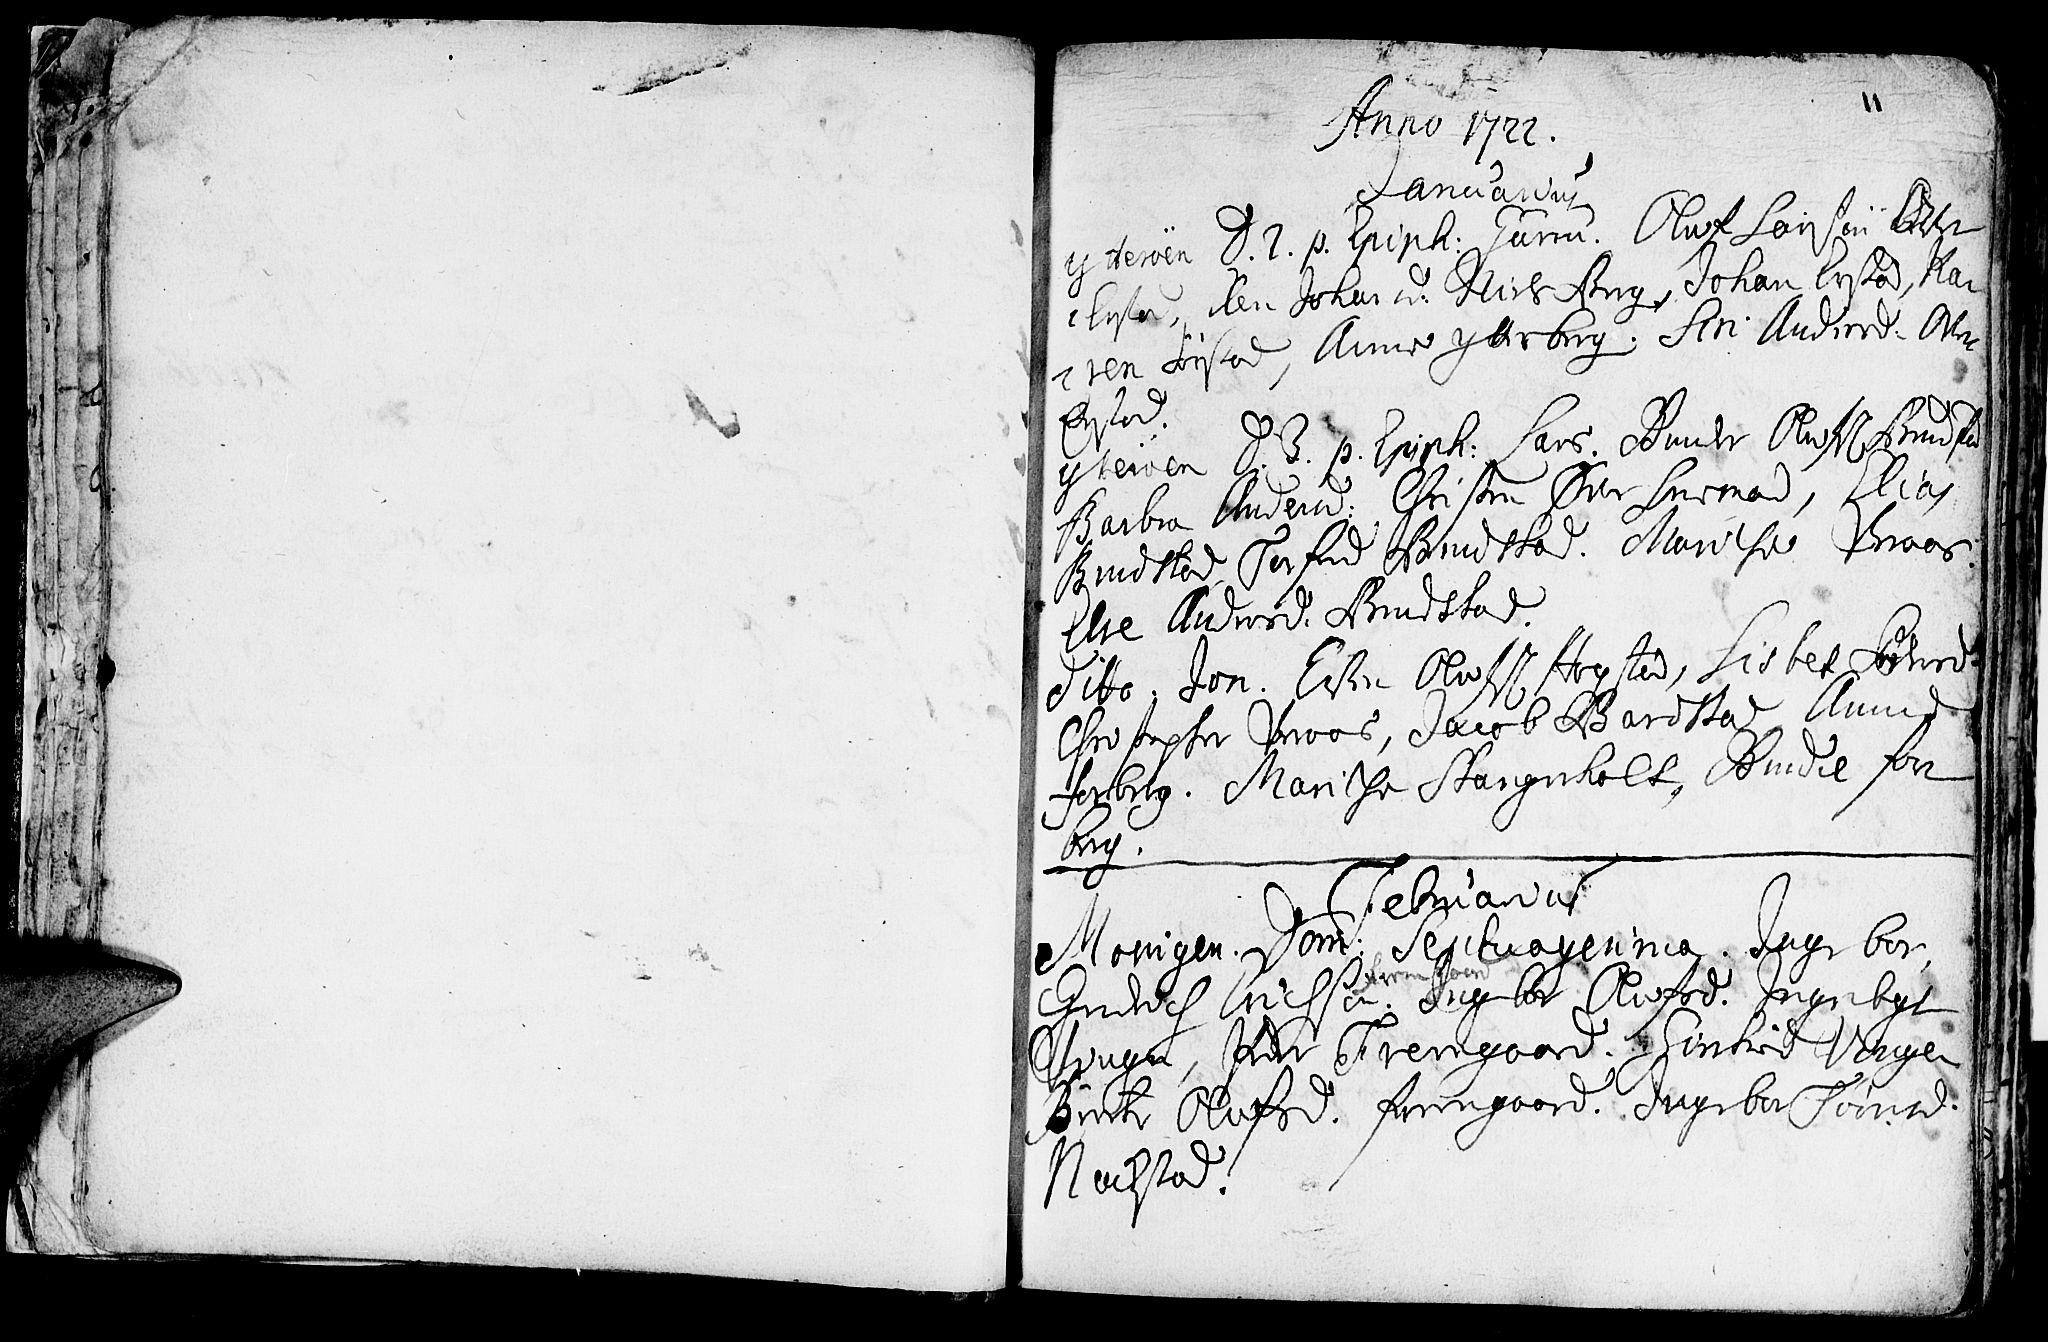 SAT, Ministerialprotokoller, klokkerbøker og fødselsregistre - Nord-Trøndelag, 722/L0215: Ministerialbok nr. 722A02, 1718-1755, s. 11